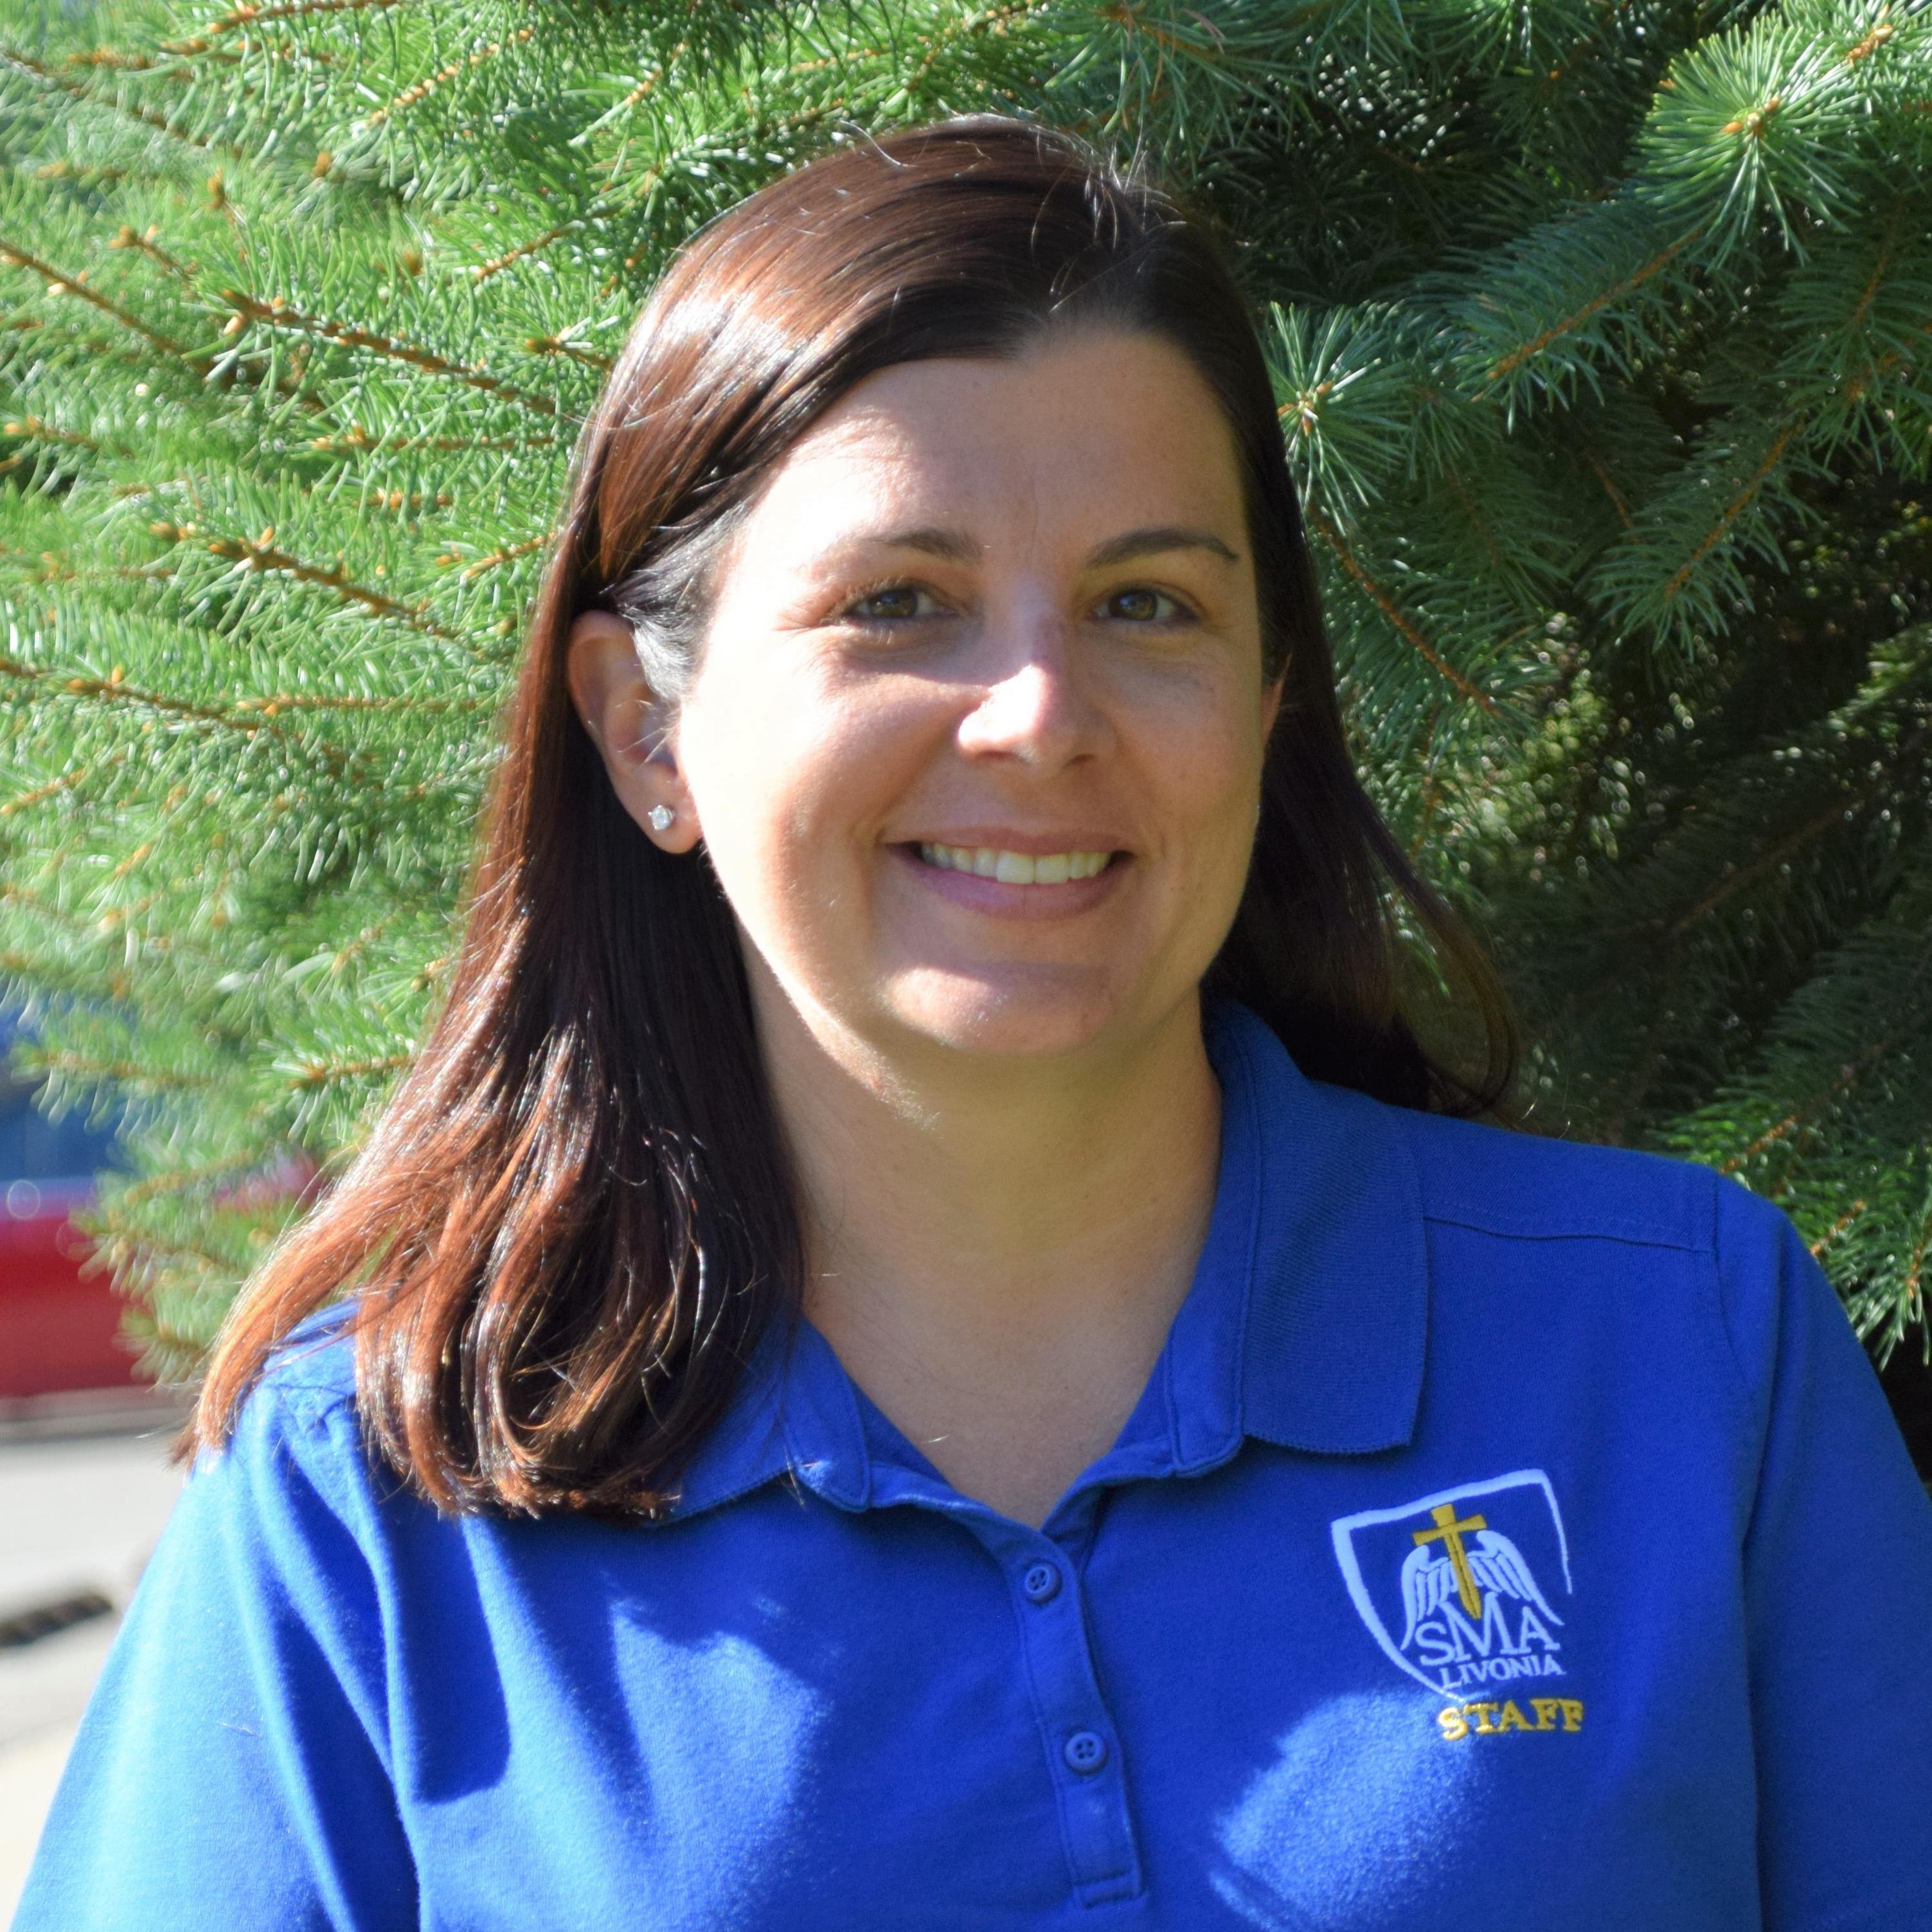 Colleen Jraiche's Profile Photo